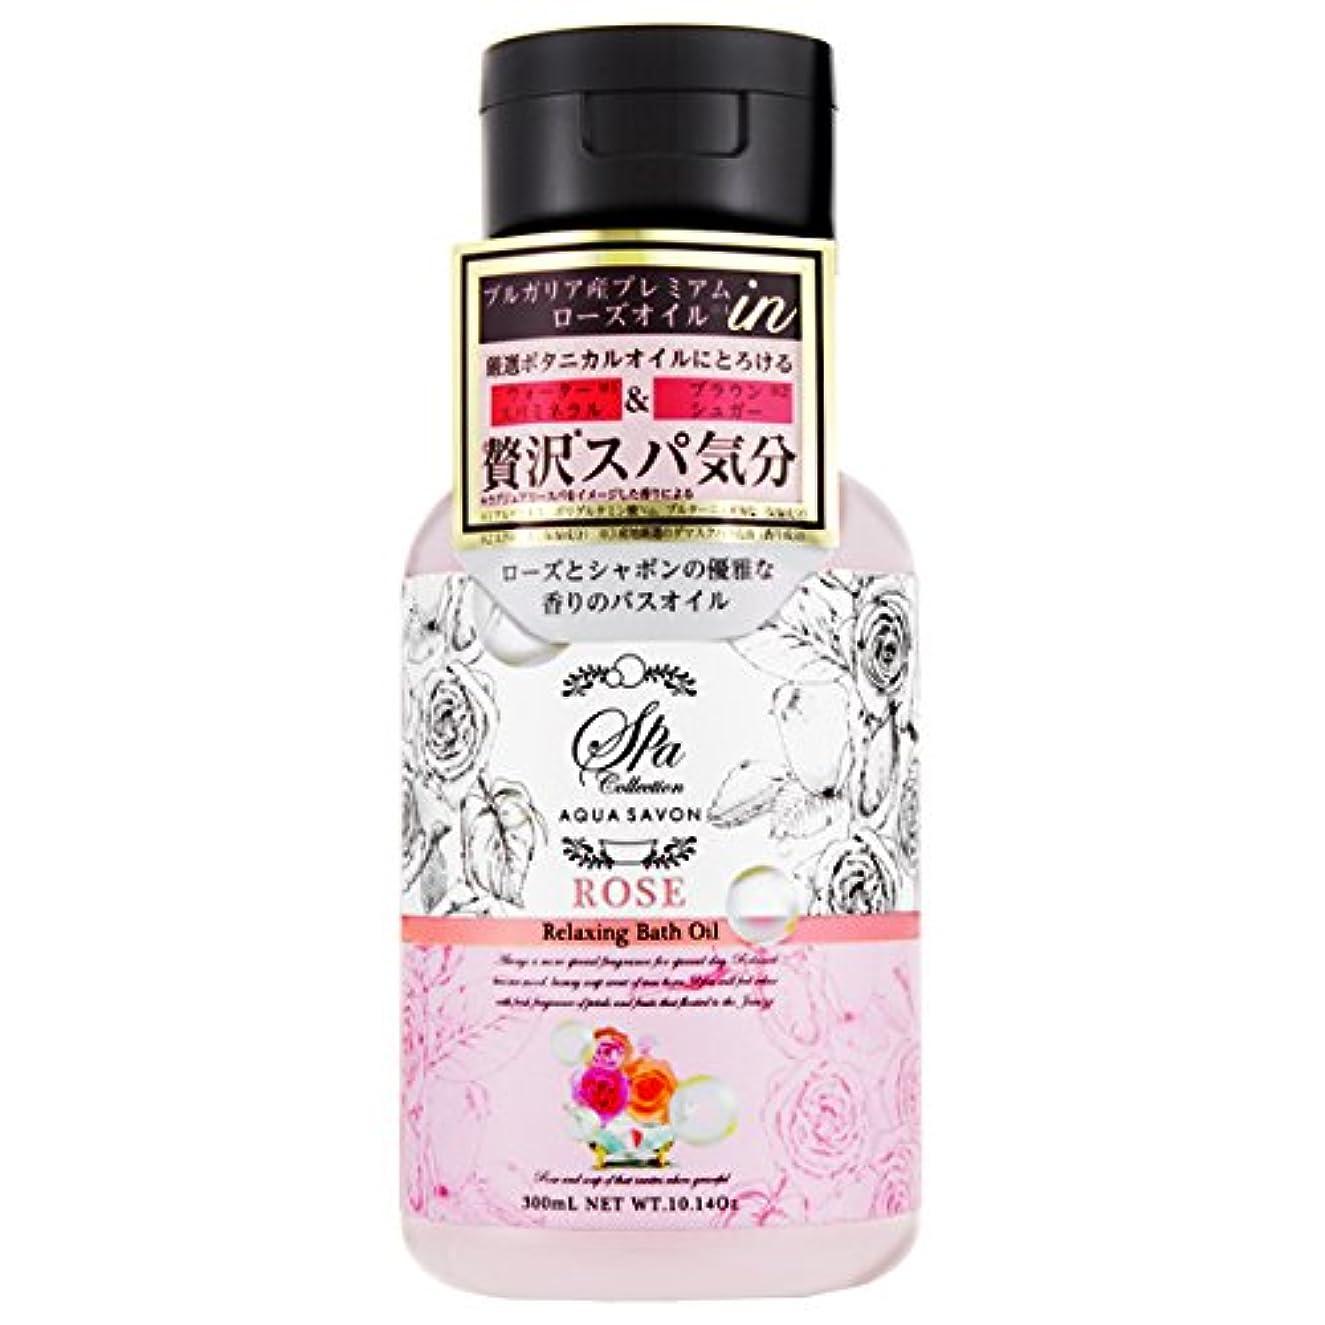 アクアシャボン スパコレクション リラクシングバスオイル ローズスパの香り 300ml 【アクアシャボン】